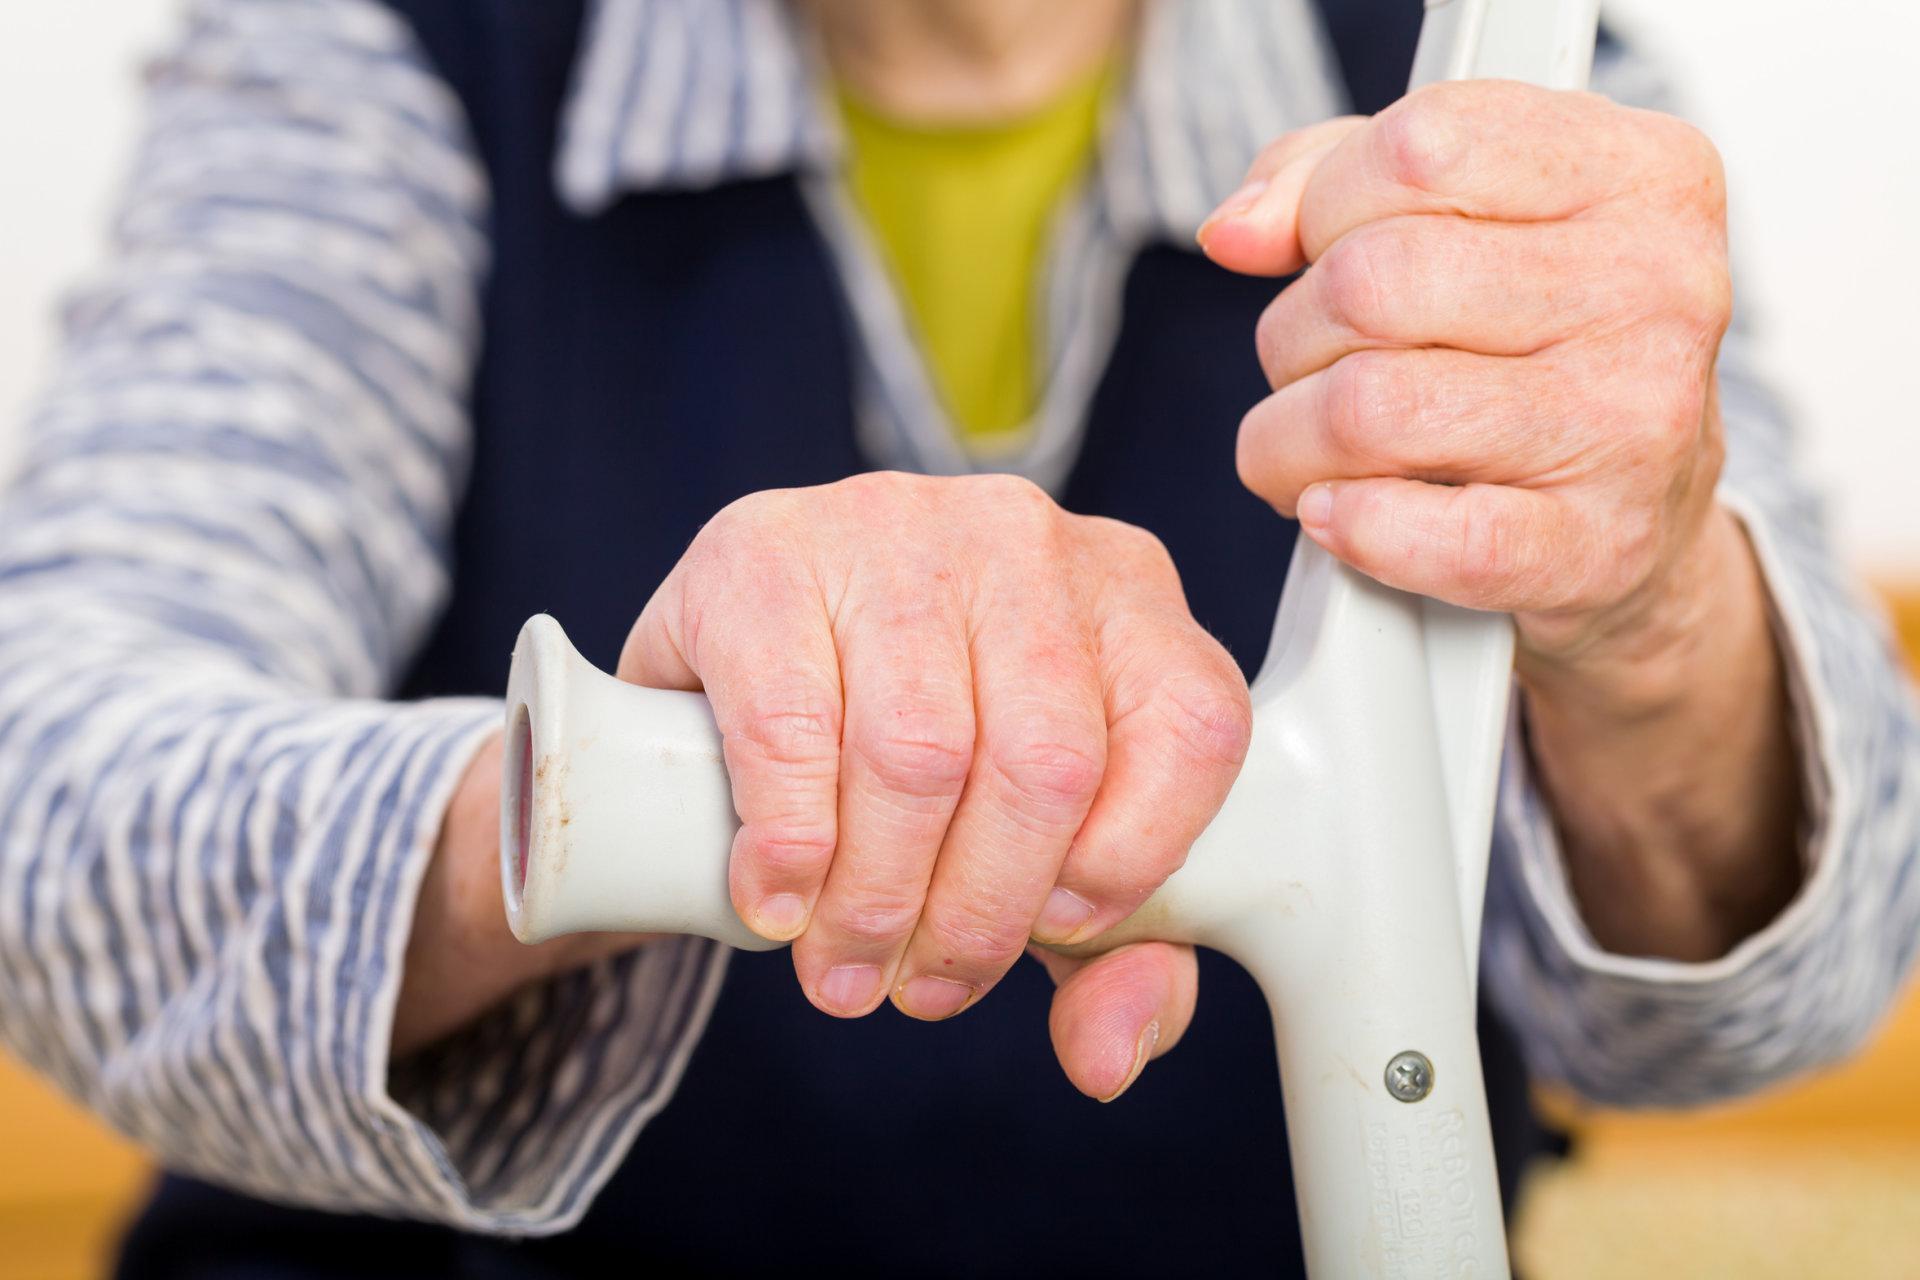 skausmas dešinėje alkūnės sąnario sukelia gydymas